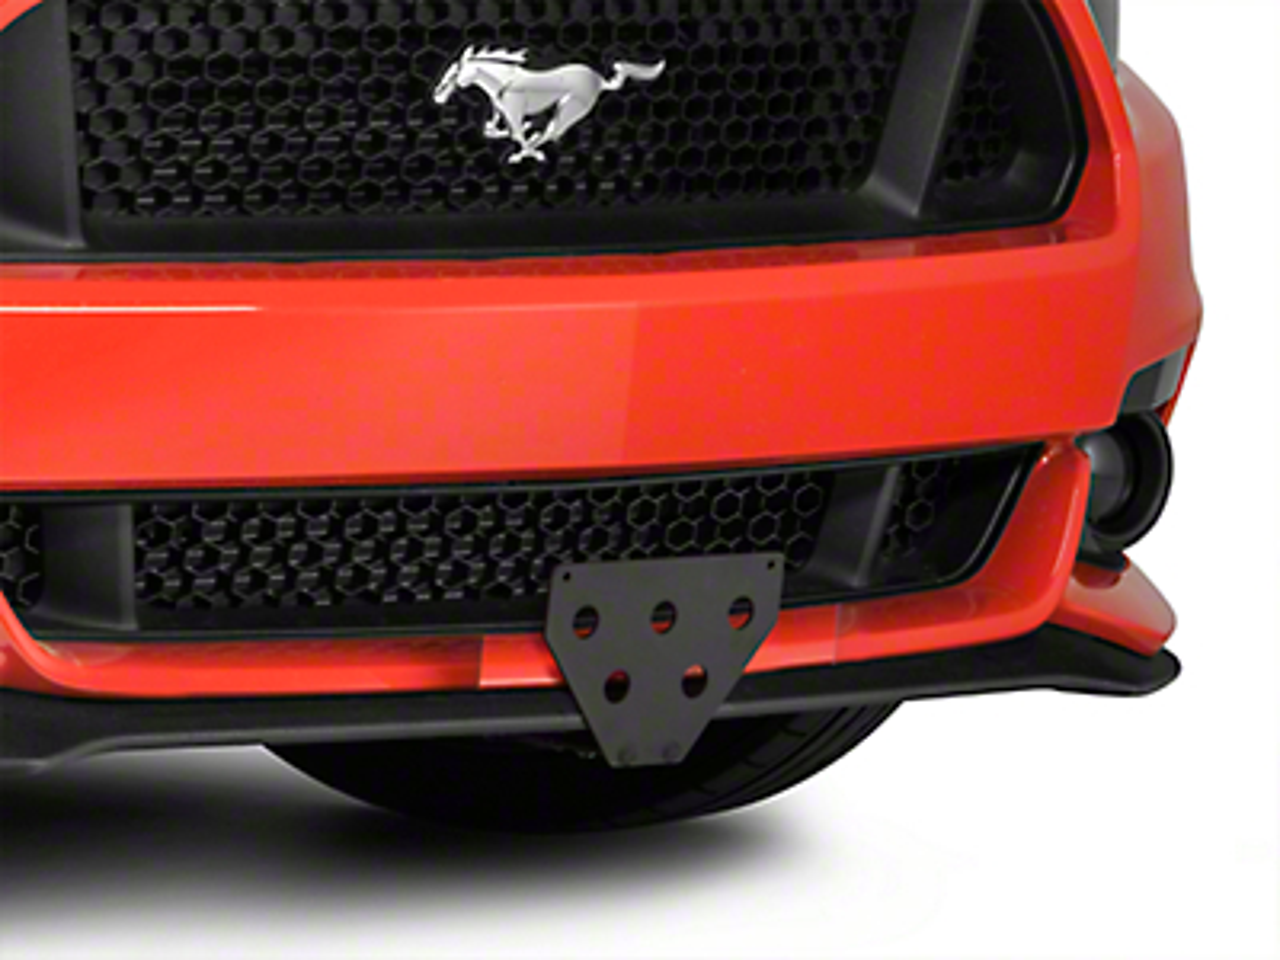 Sto N Sho Detachable Front License Plate Bracket (15-17 GT, V6, EcoBoost)